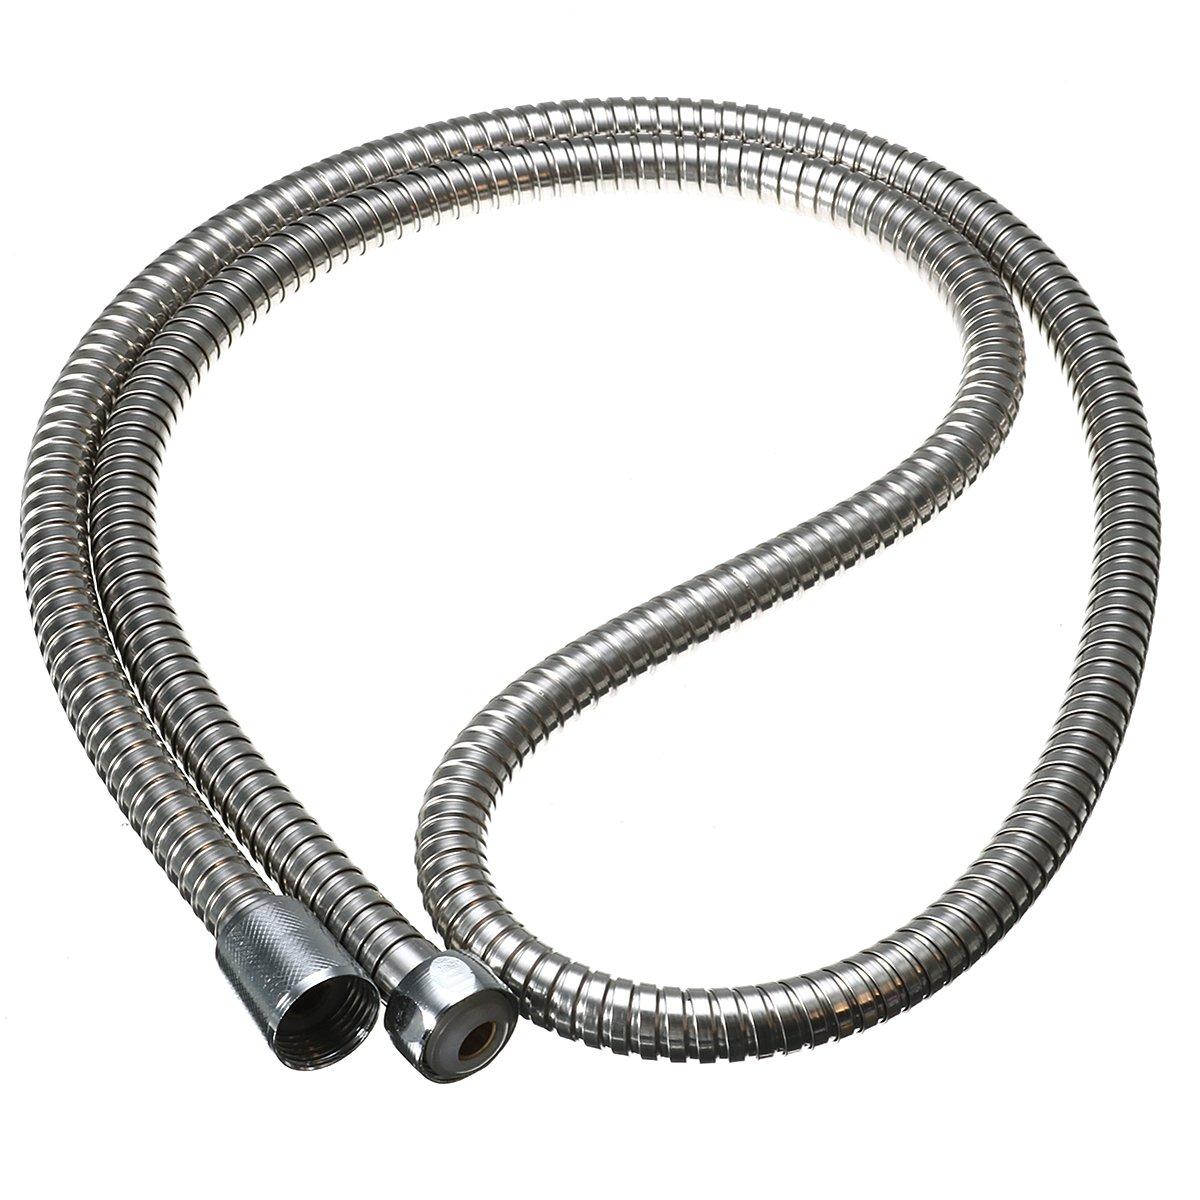 ZHENWOFC Tubo flessibile del riscaldatore di bagno del tubo flessibile della testa di doccia di Chrome dell'acciaio inossidabile di 1.5m componenti hardware Prezzi offerta